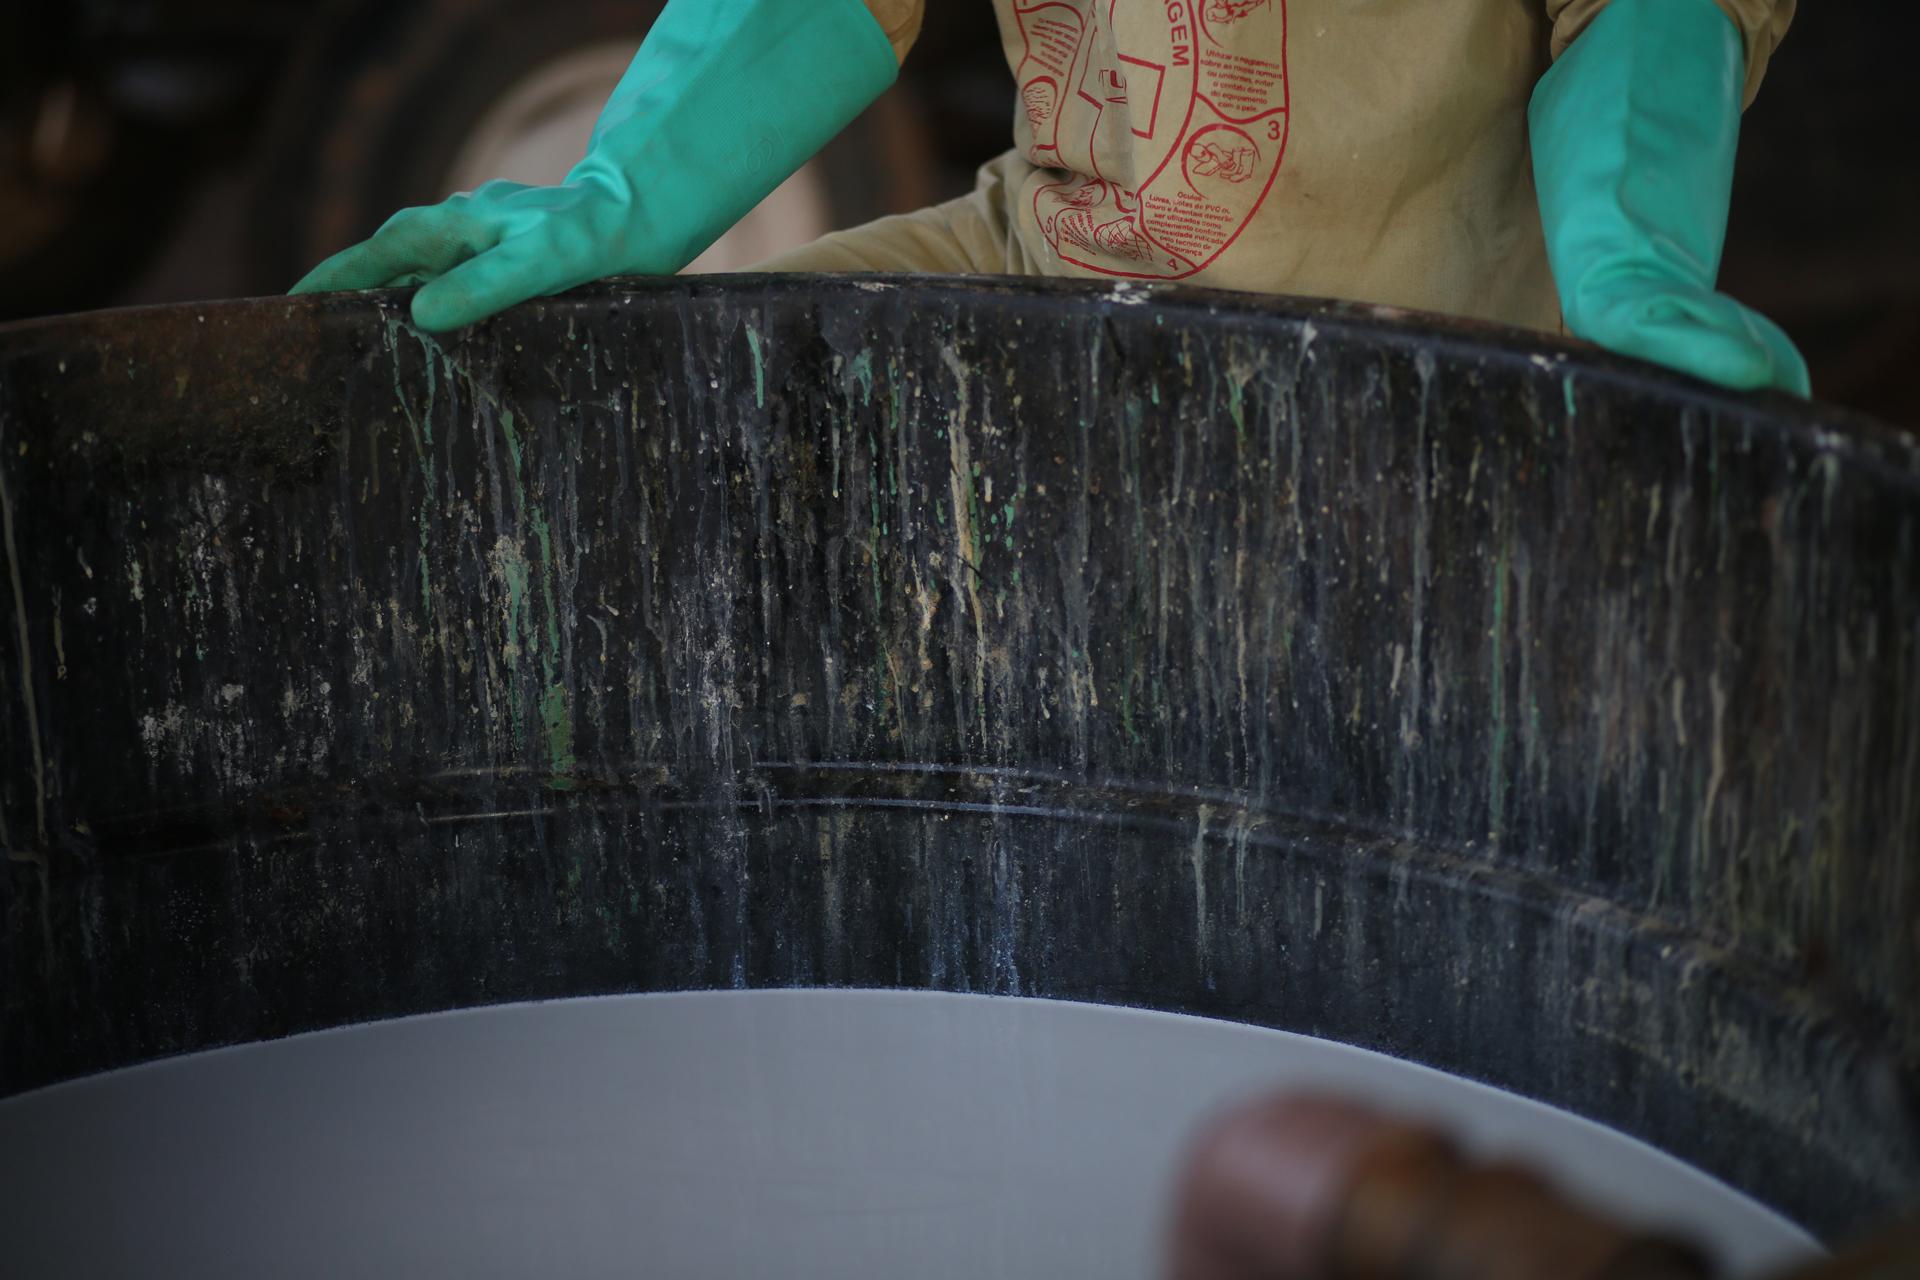 Trabajador mezcla agrotóxicos sin usar máscara, al norte de Mato Grosso. Una ex coordinadora dice que ellos no saben de los riesgos que corren.